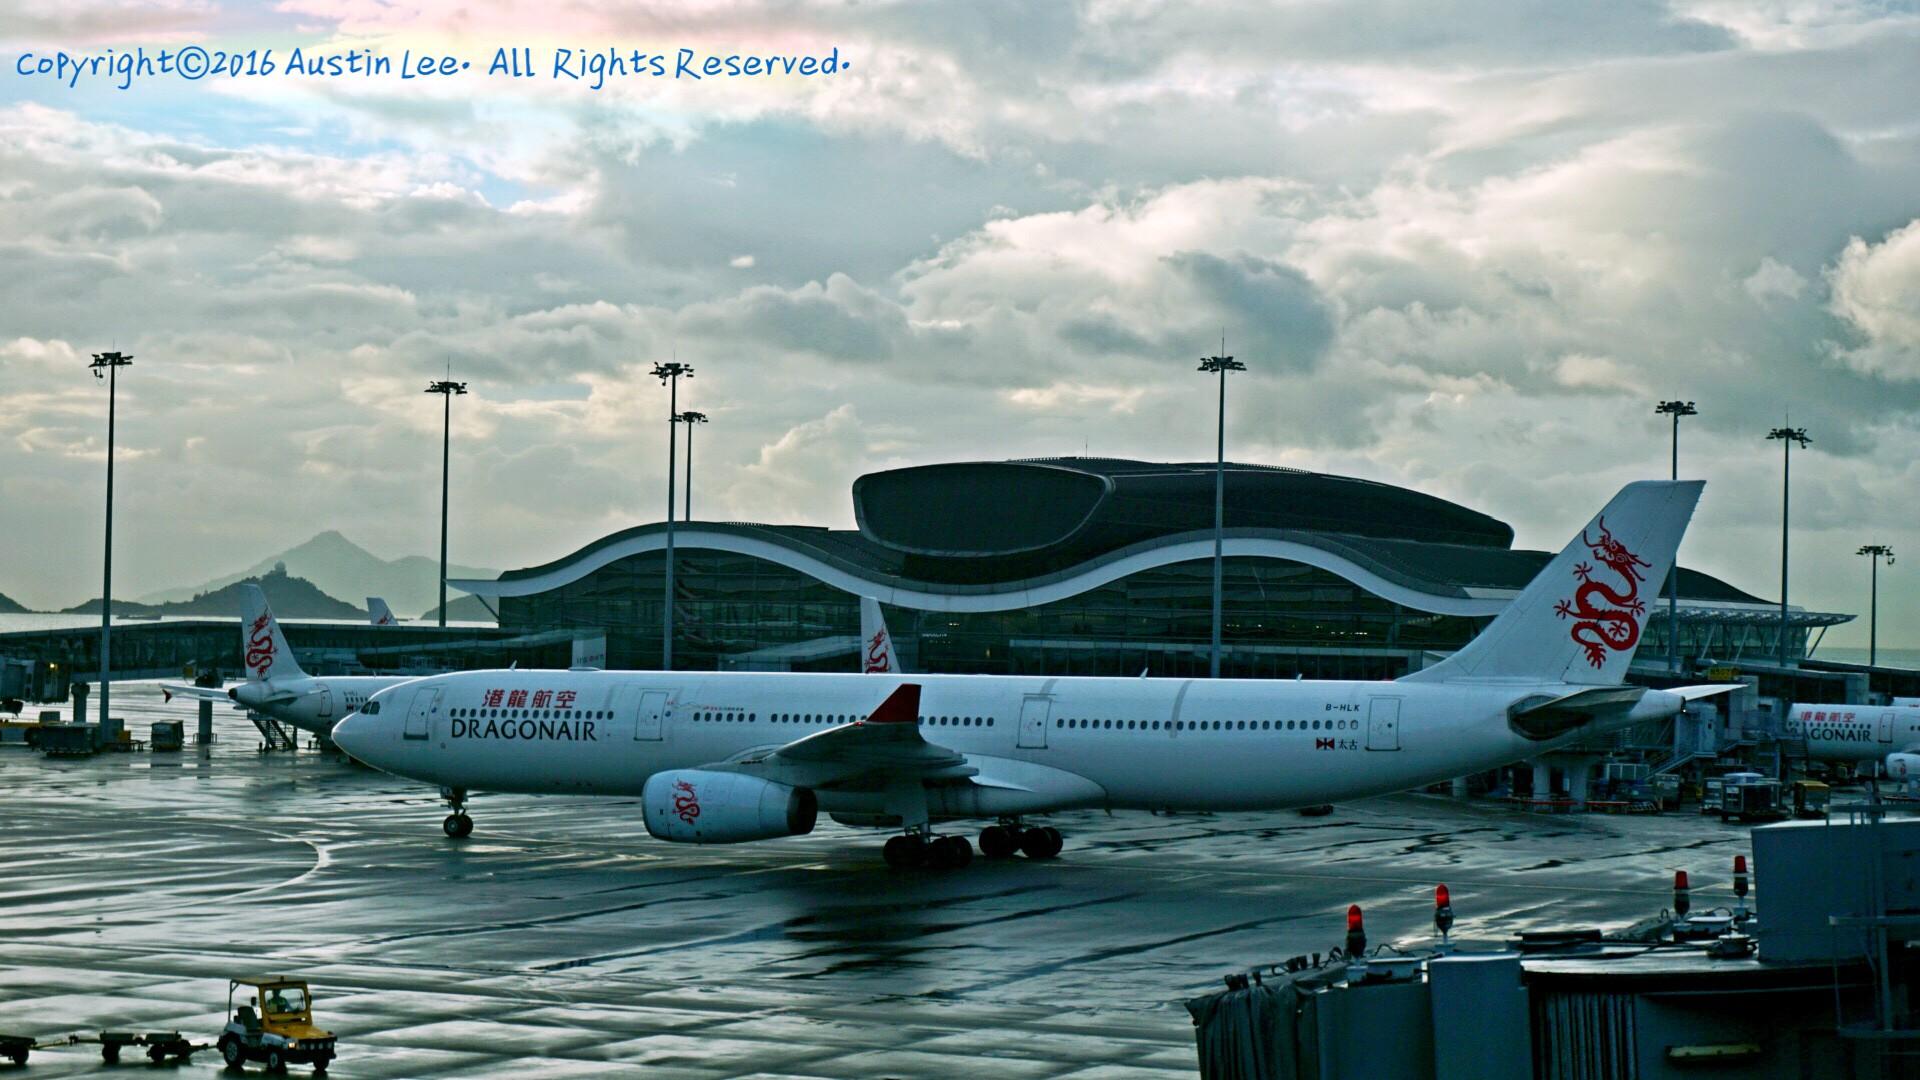 Re:[原创]论坛修复后第一波~三年来旅游途中的拍机精选~ AIRBUS A330-3432 B-HLK 中国香港国际机场